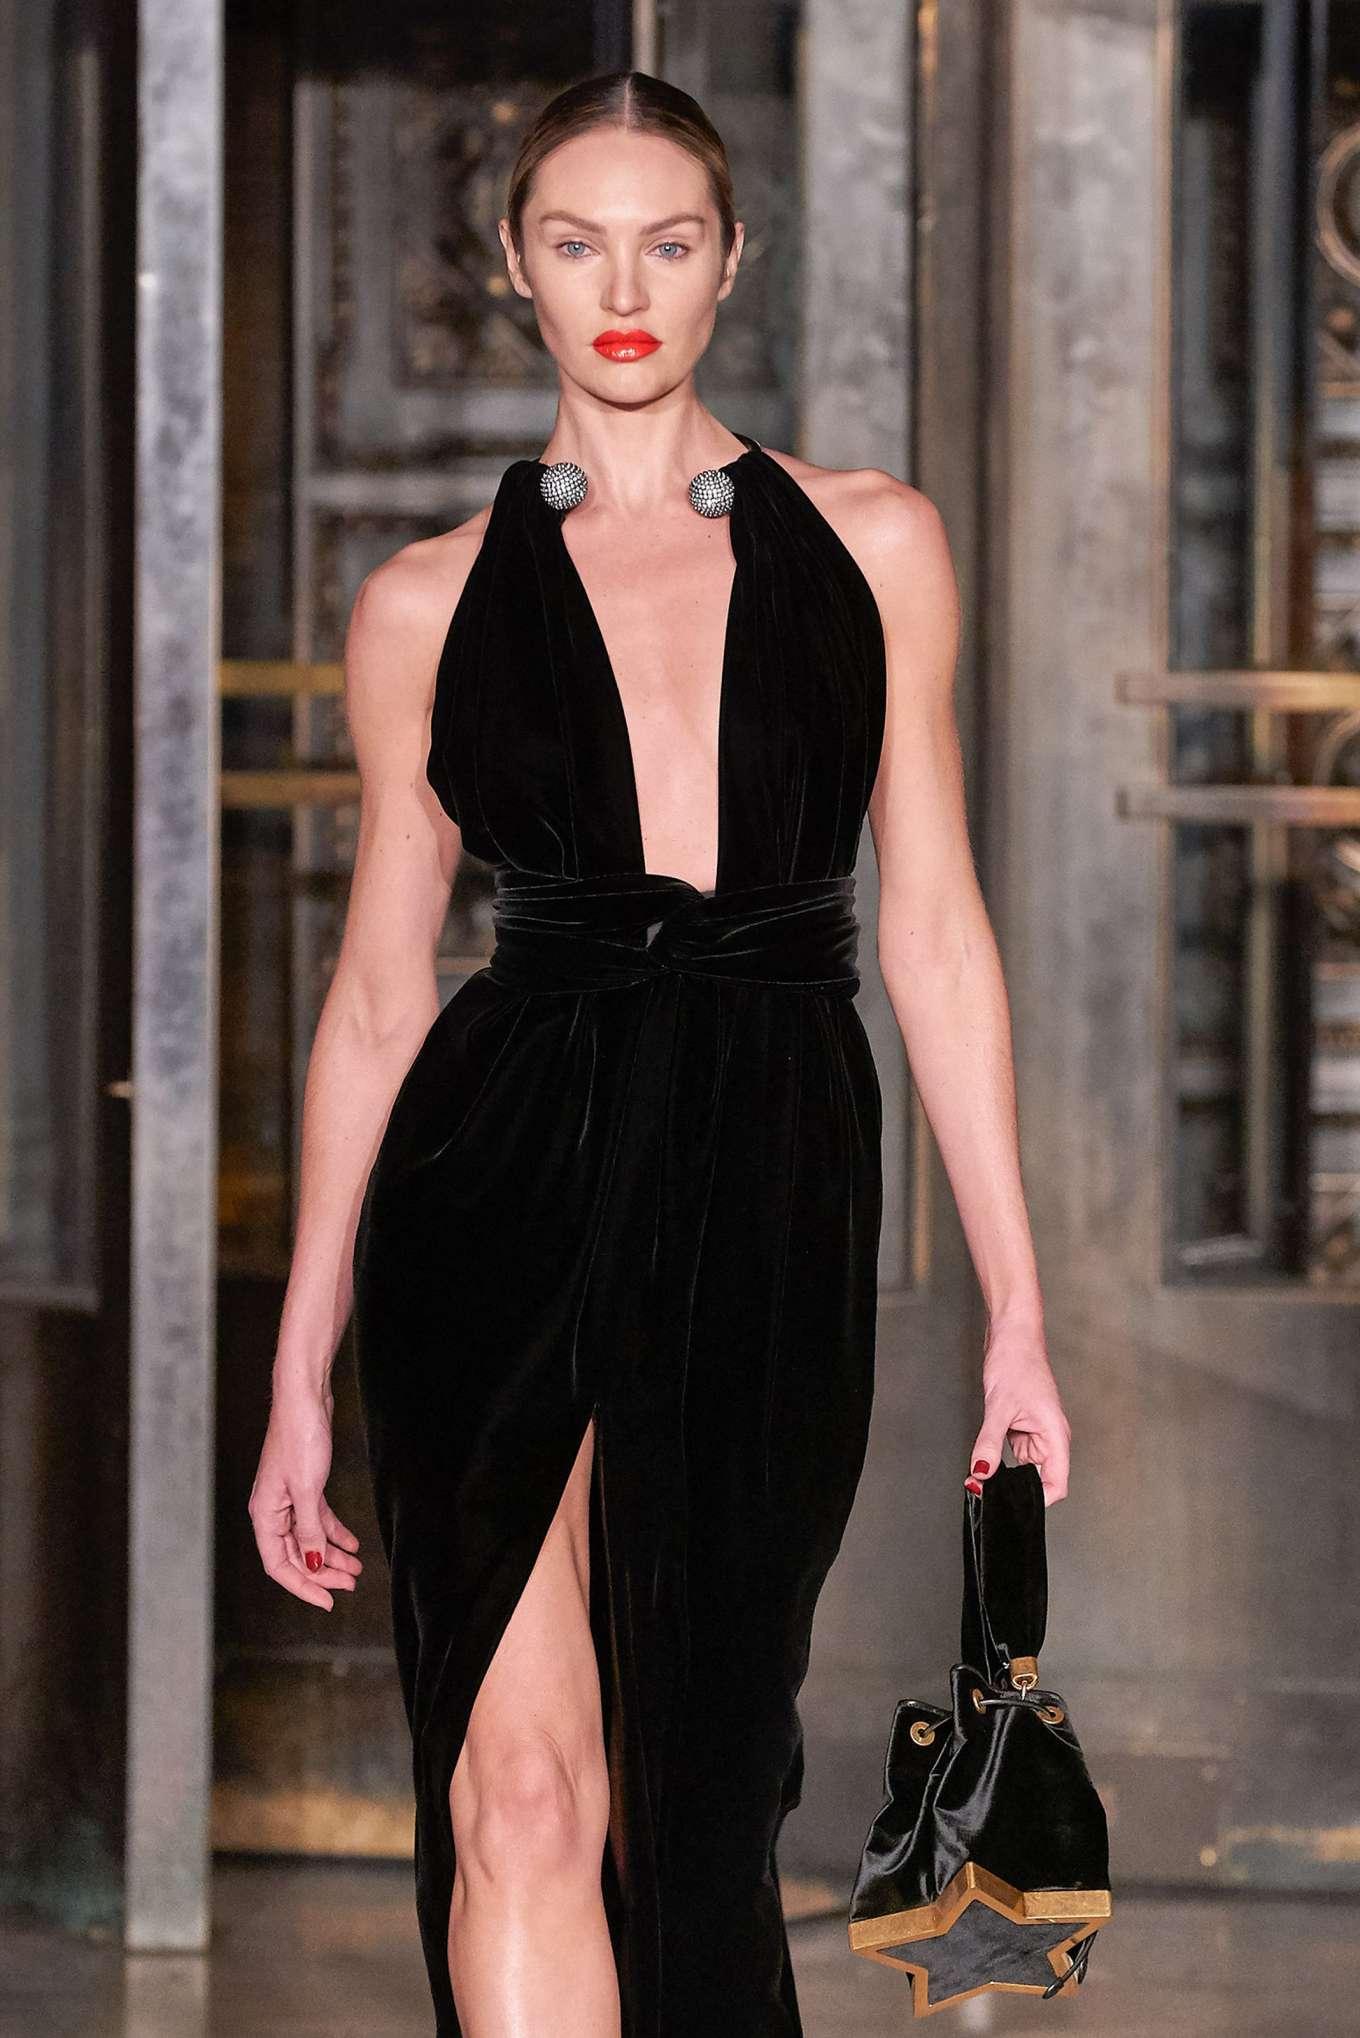 Candice Swanepoel - Oscar de la Renta at 2020 New York Fashion Week